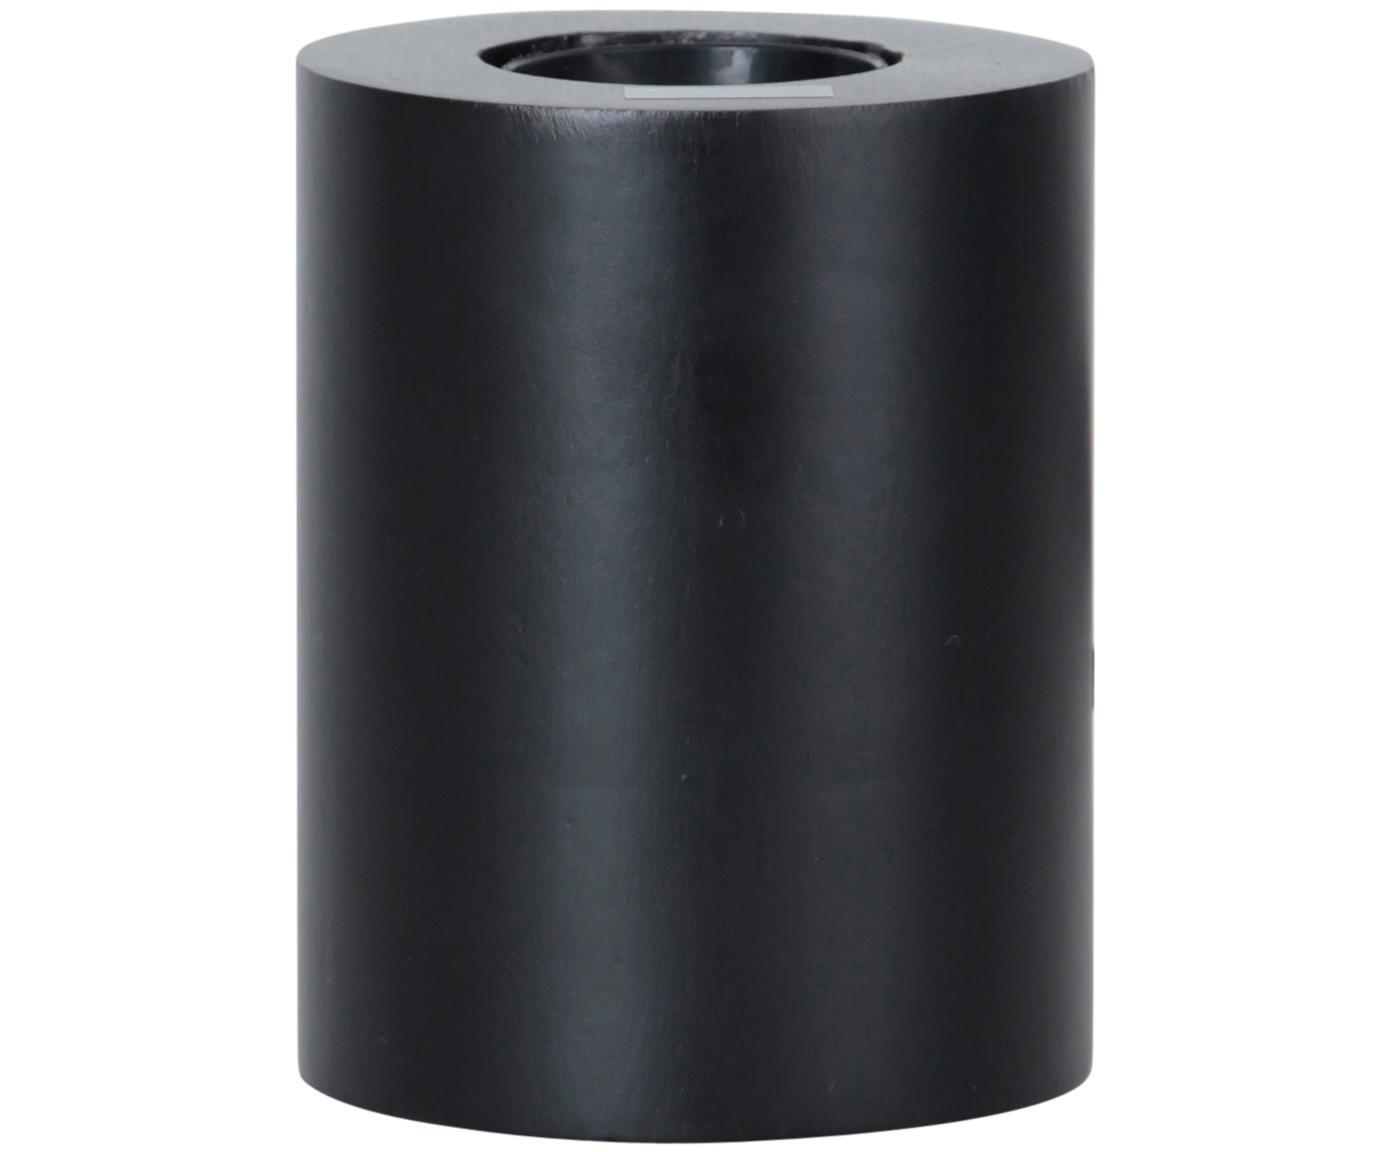 Mała lampa stołowa Tub, Czarny, Ø 8 x W 10 cm